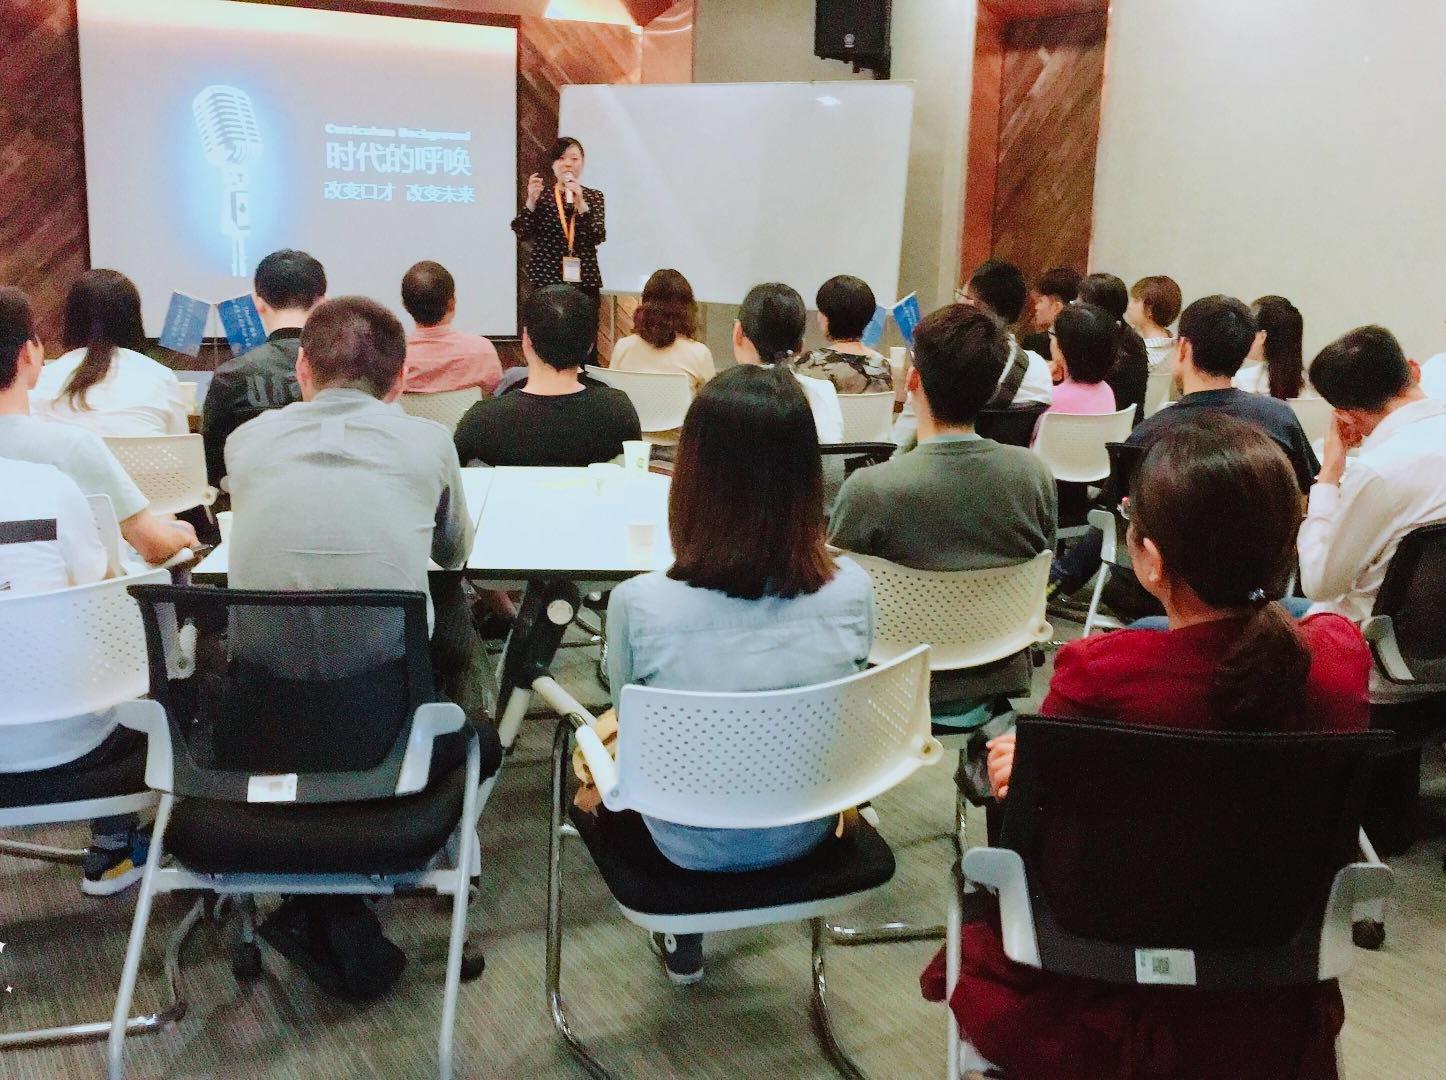 托卡2019公众演说与沟通心理论坛